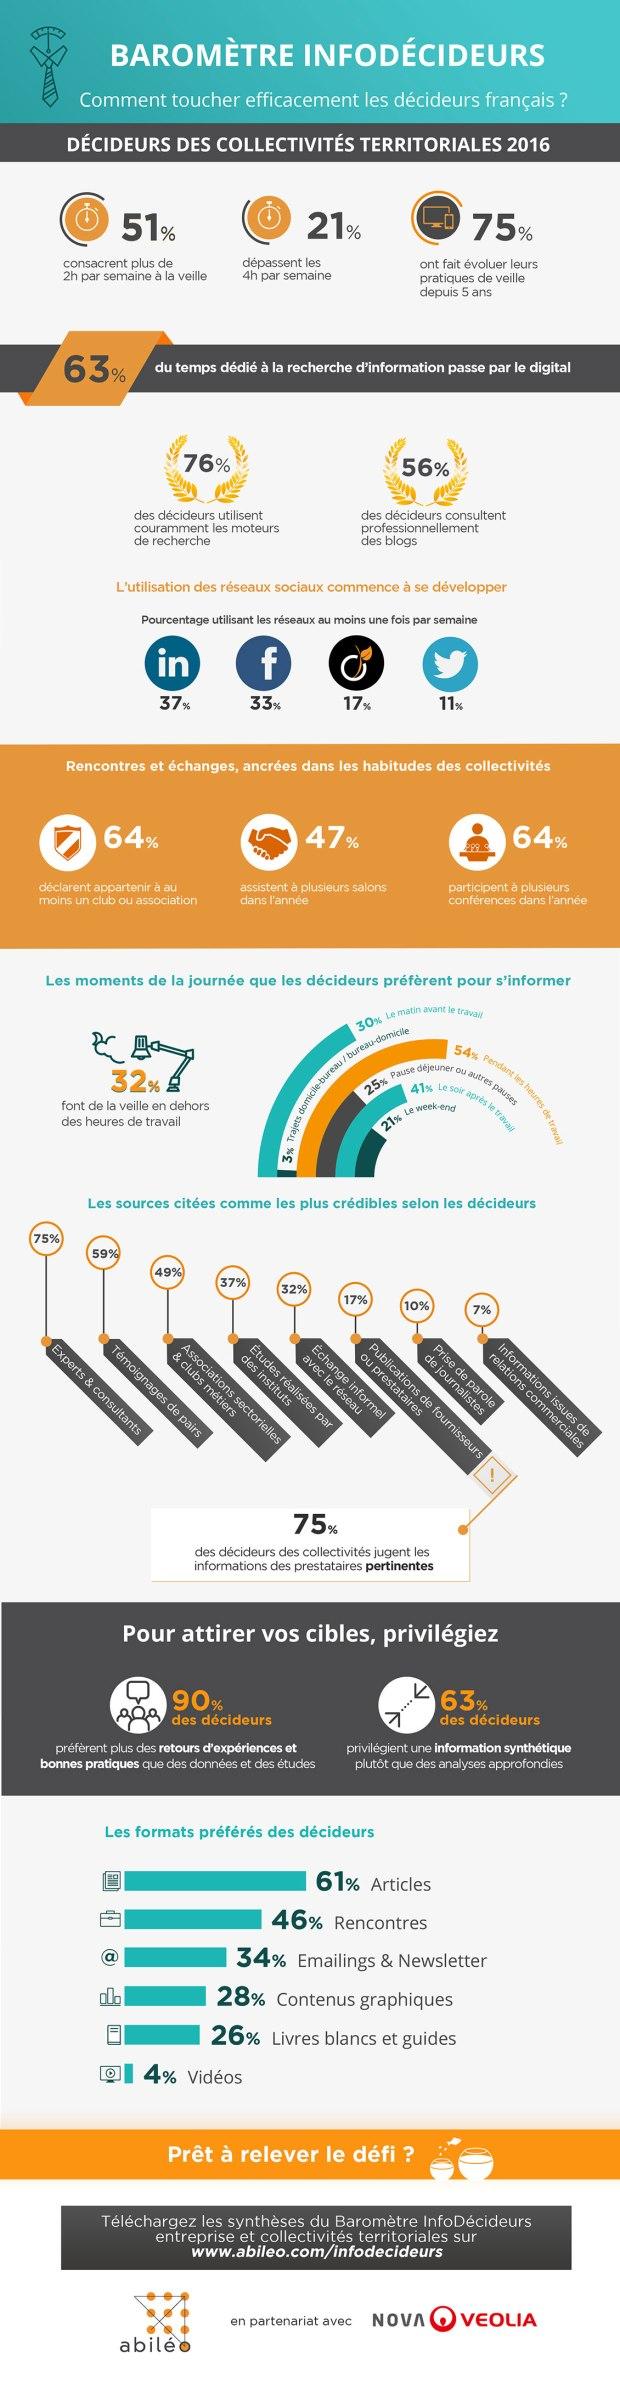 Infographie sur le baromètre InfoDécideurs